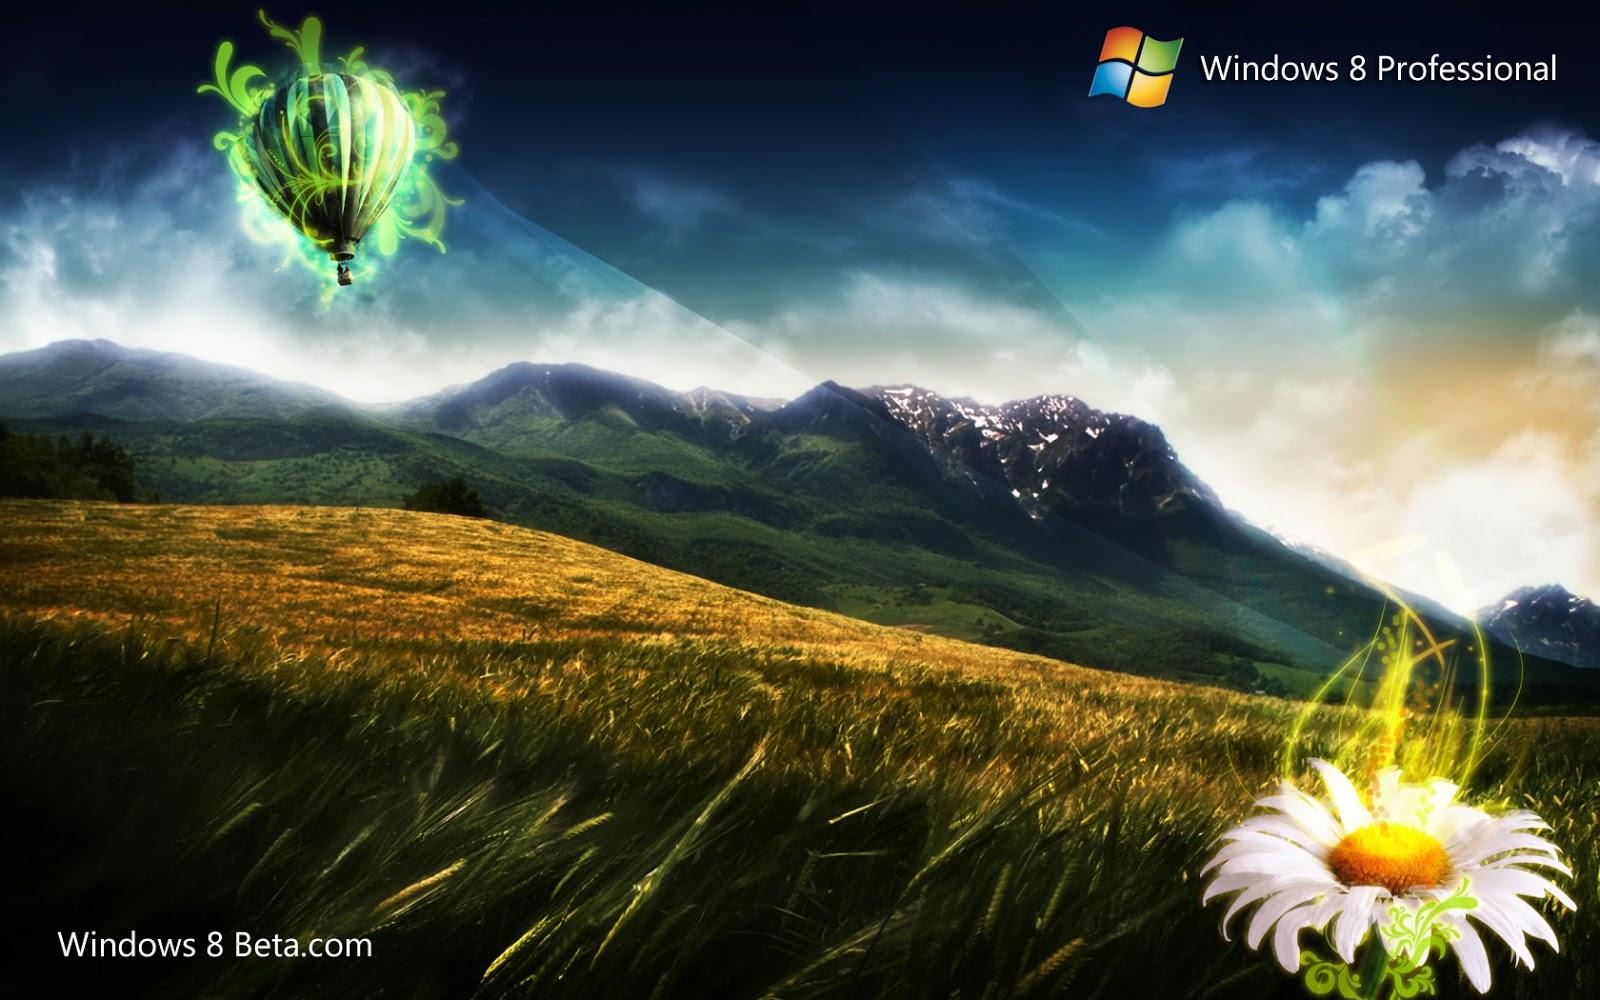 CERITA ASYIK Download Wallpaper Windows 8 Keren Terbaru Lengkap 1600x1000